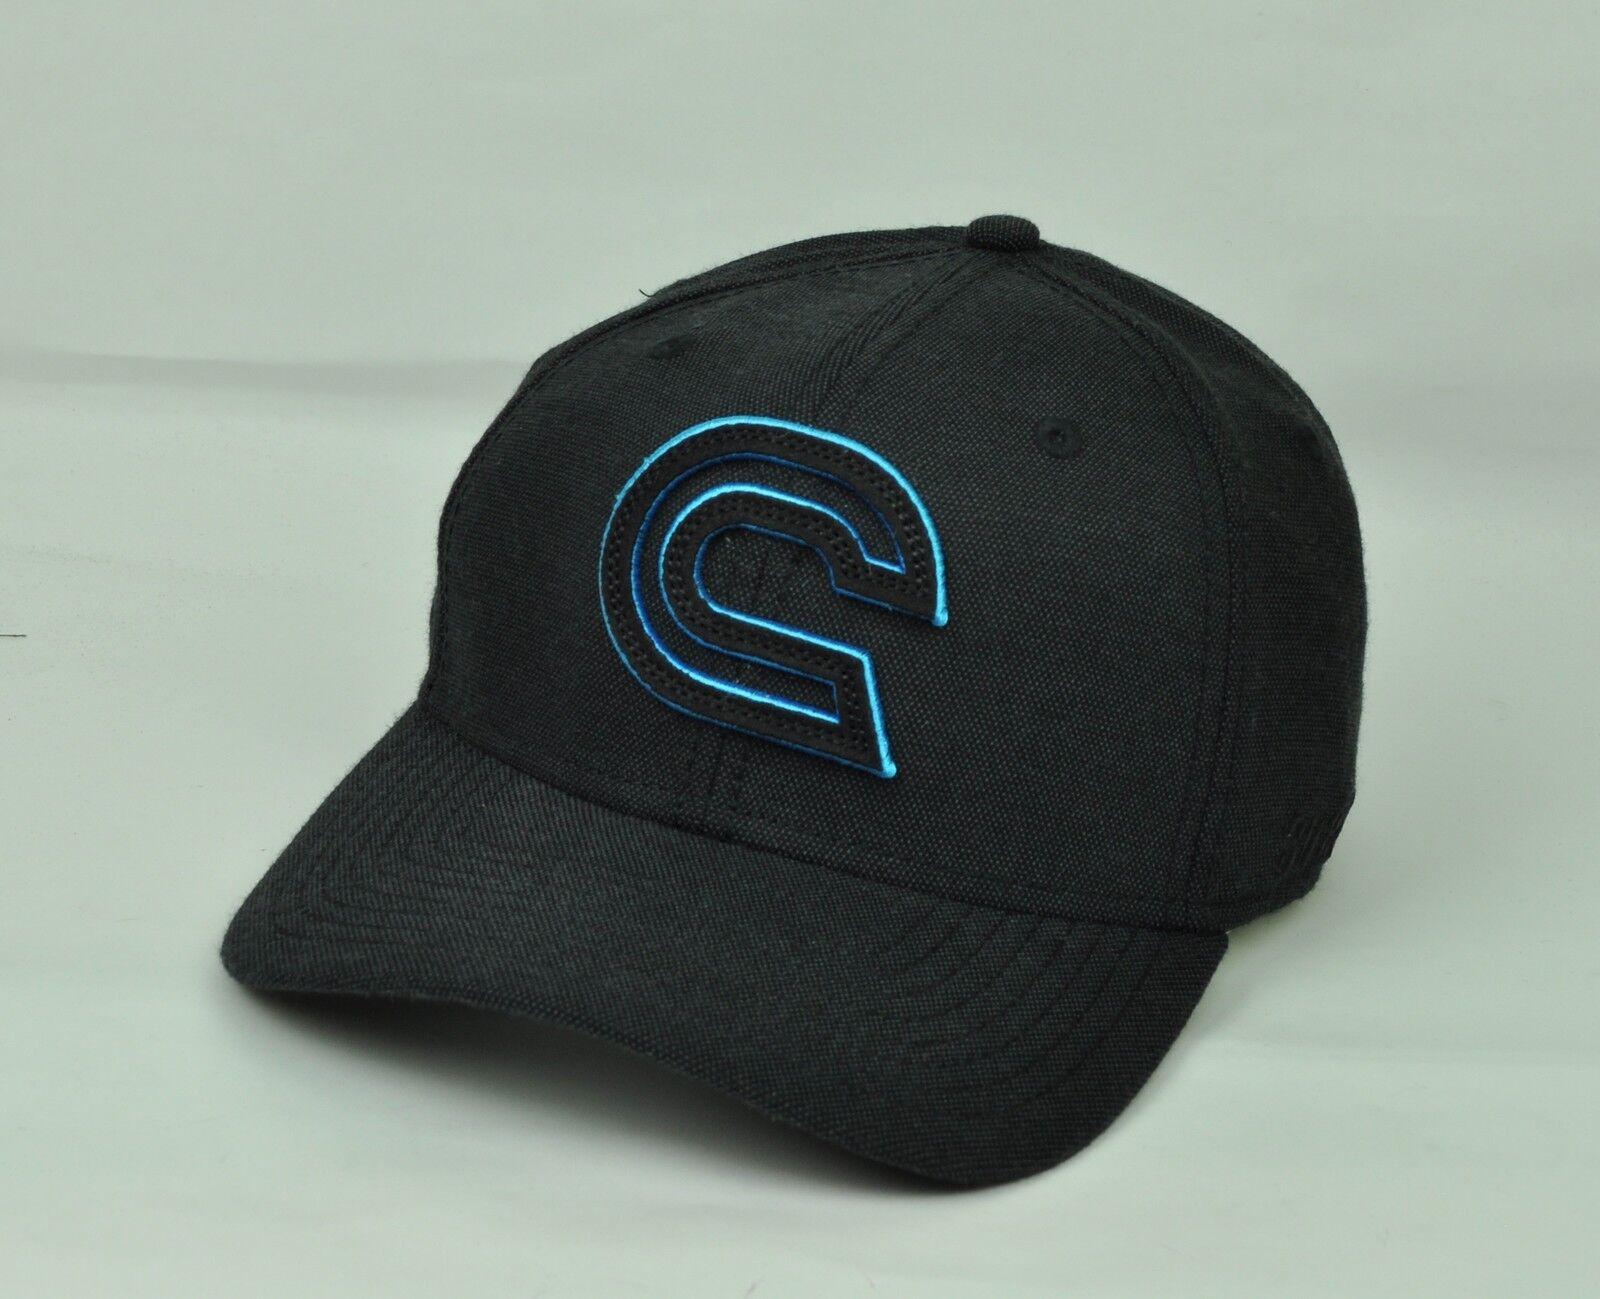 A Flex Skate 3088 Herren Für Erwachsene Gebogen Bill Black Hellblau Hut Kappe